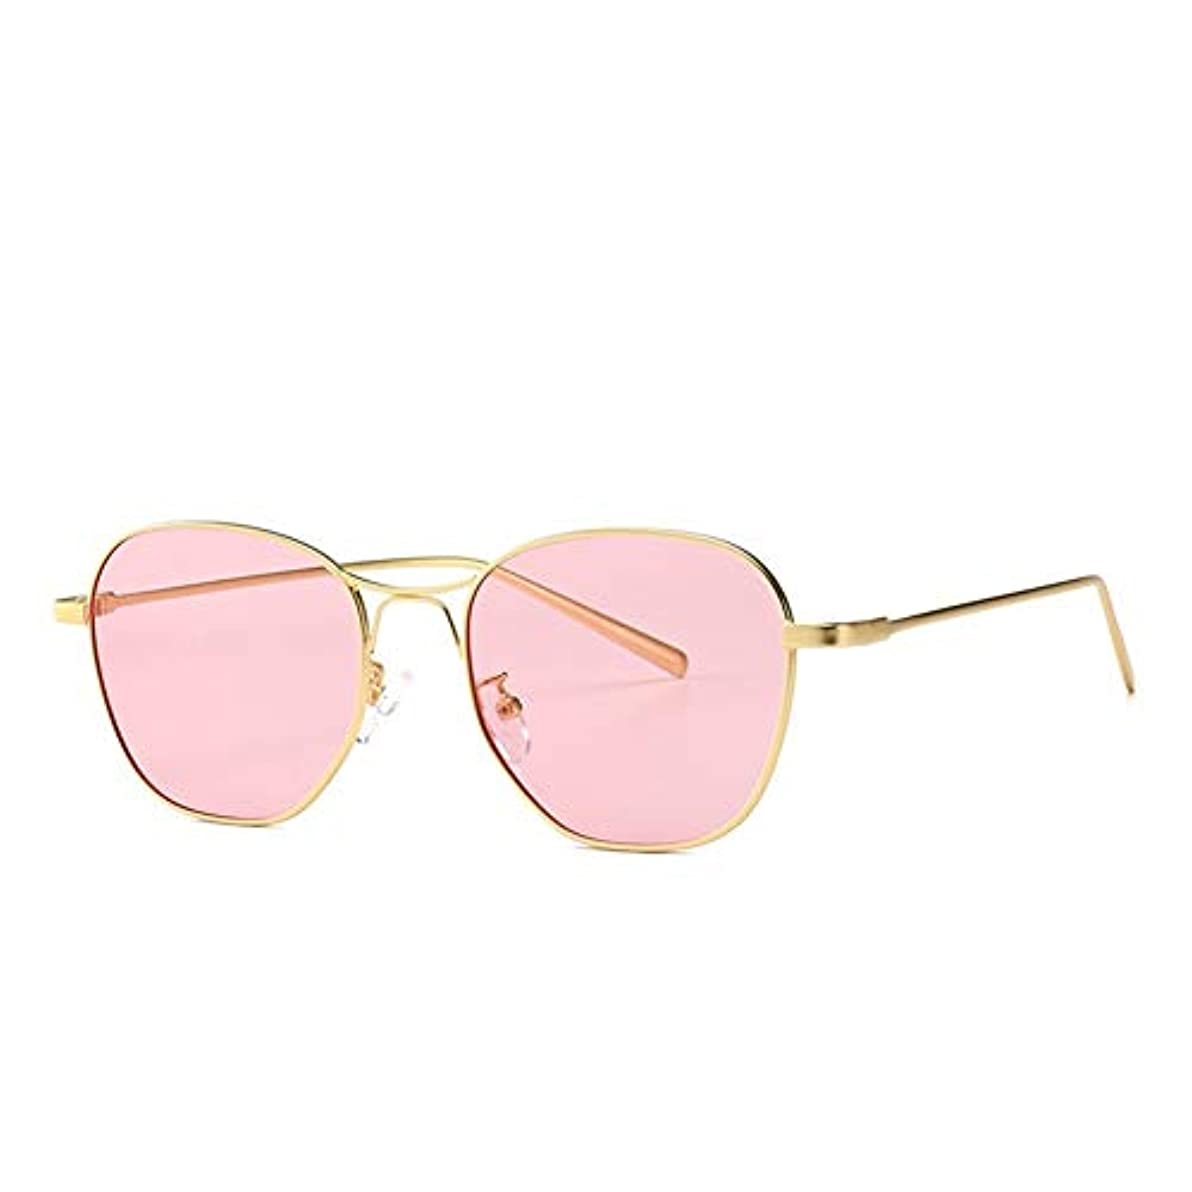 虐殺統治可能荒れ地Q AI NI アビエイターサングラスストリートファッションサングラスUVプロテクションブラック、ブルー、ピンク 毎日の旅行用サングラス (Color : C4 gold powder)